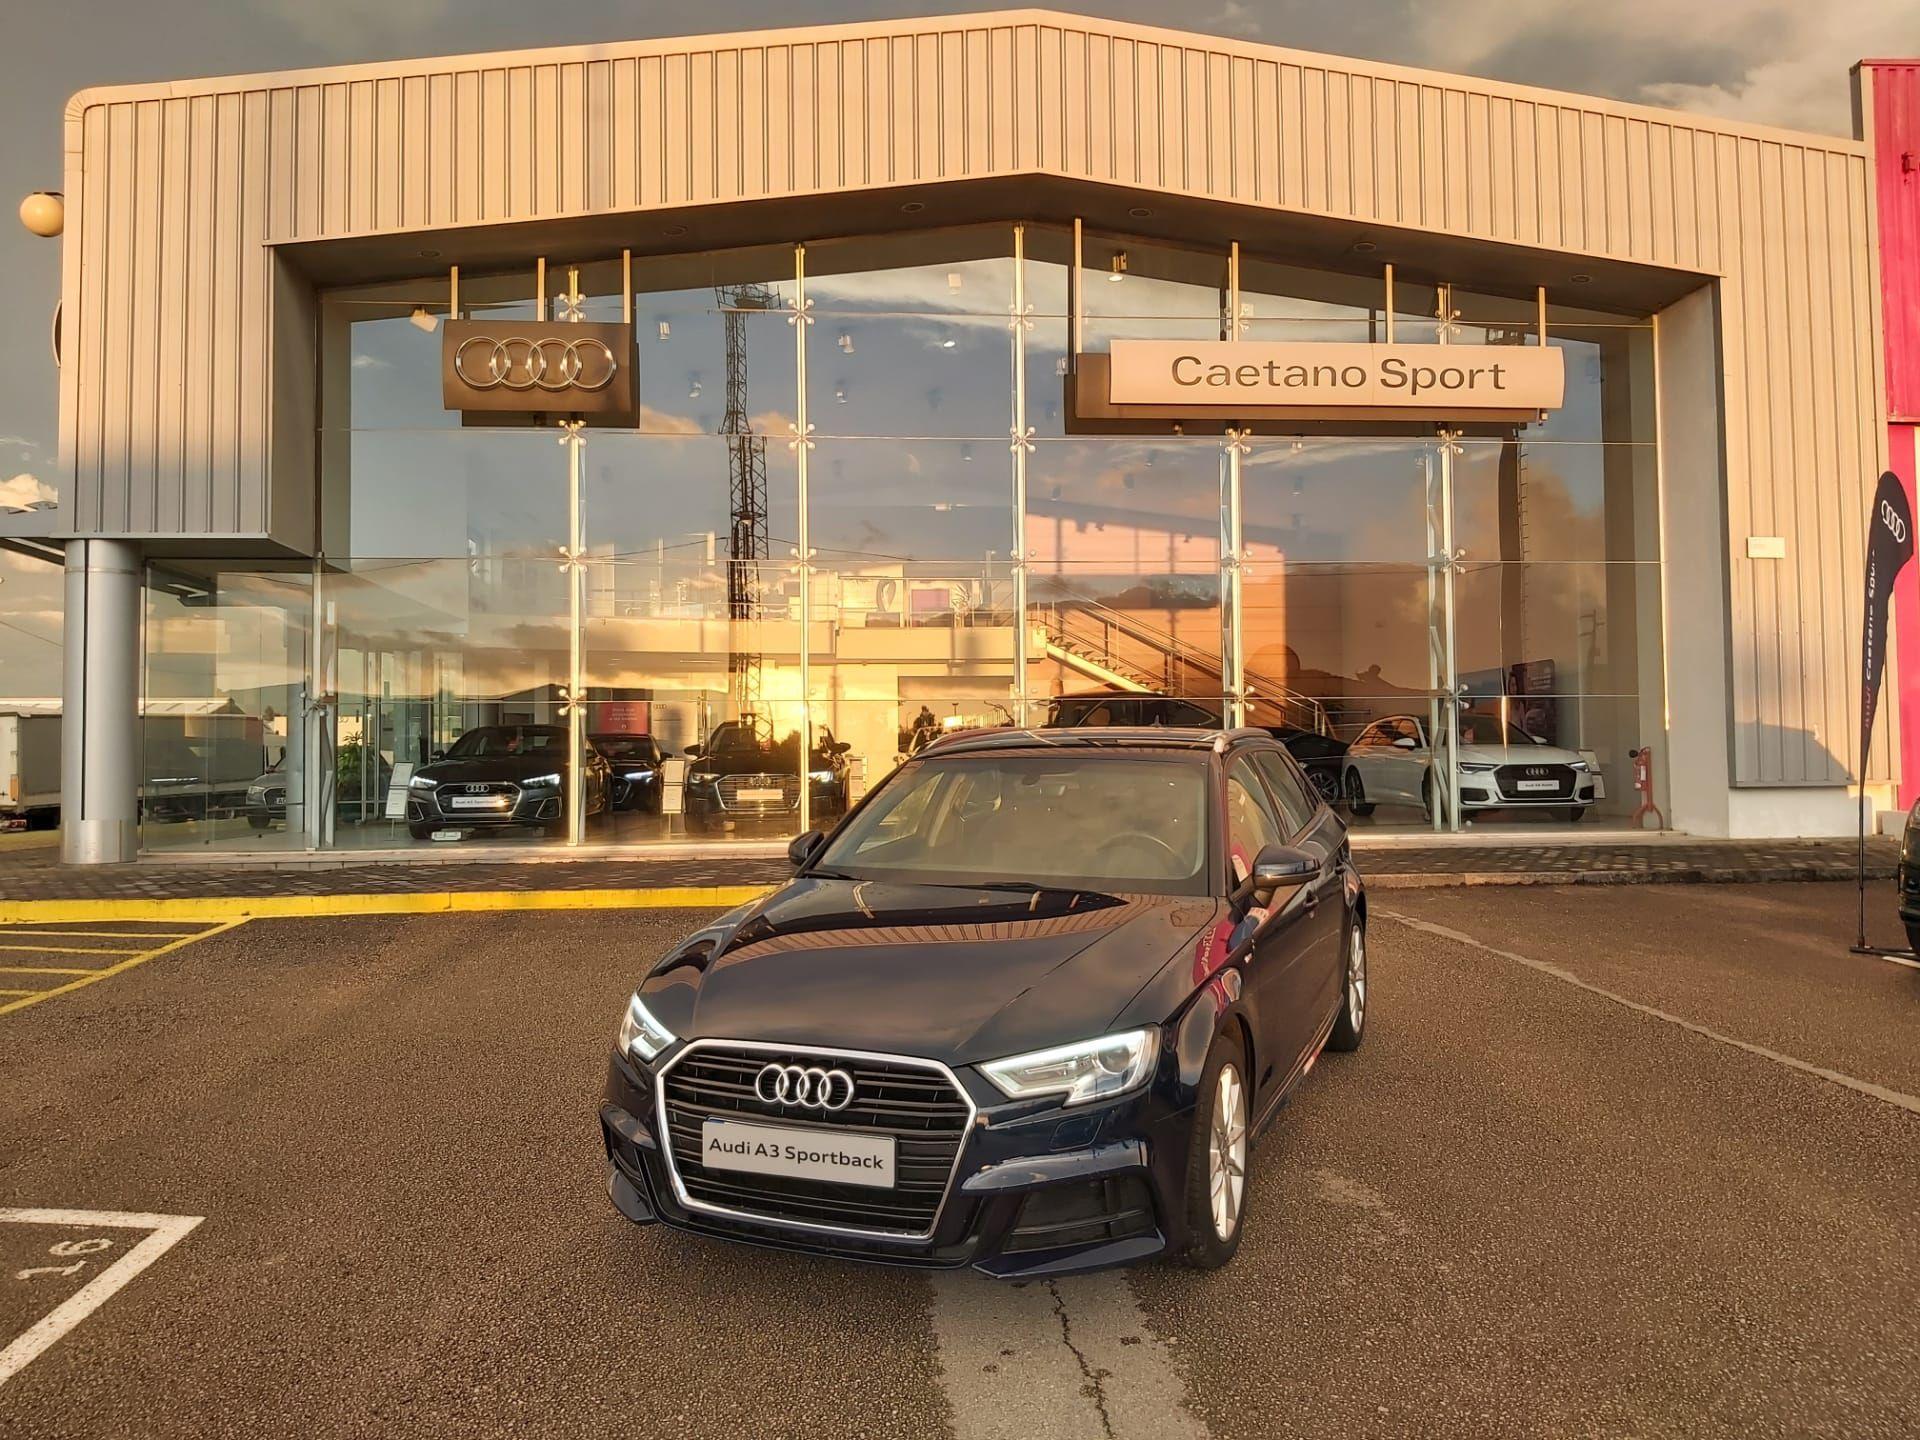 Audi A3 Sportback 1.6 TDI 116cv S/LINE EXTERIOR segunda mão Aveiro